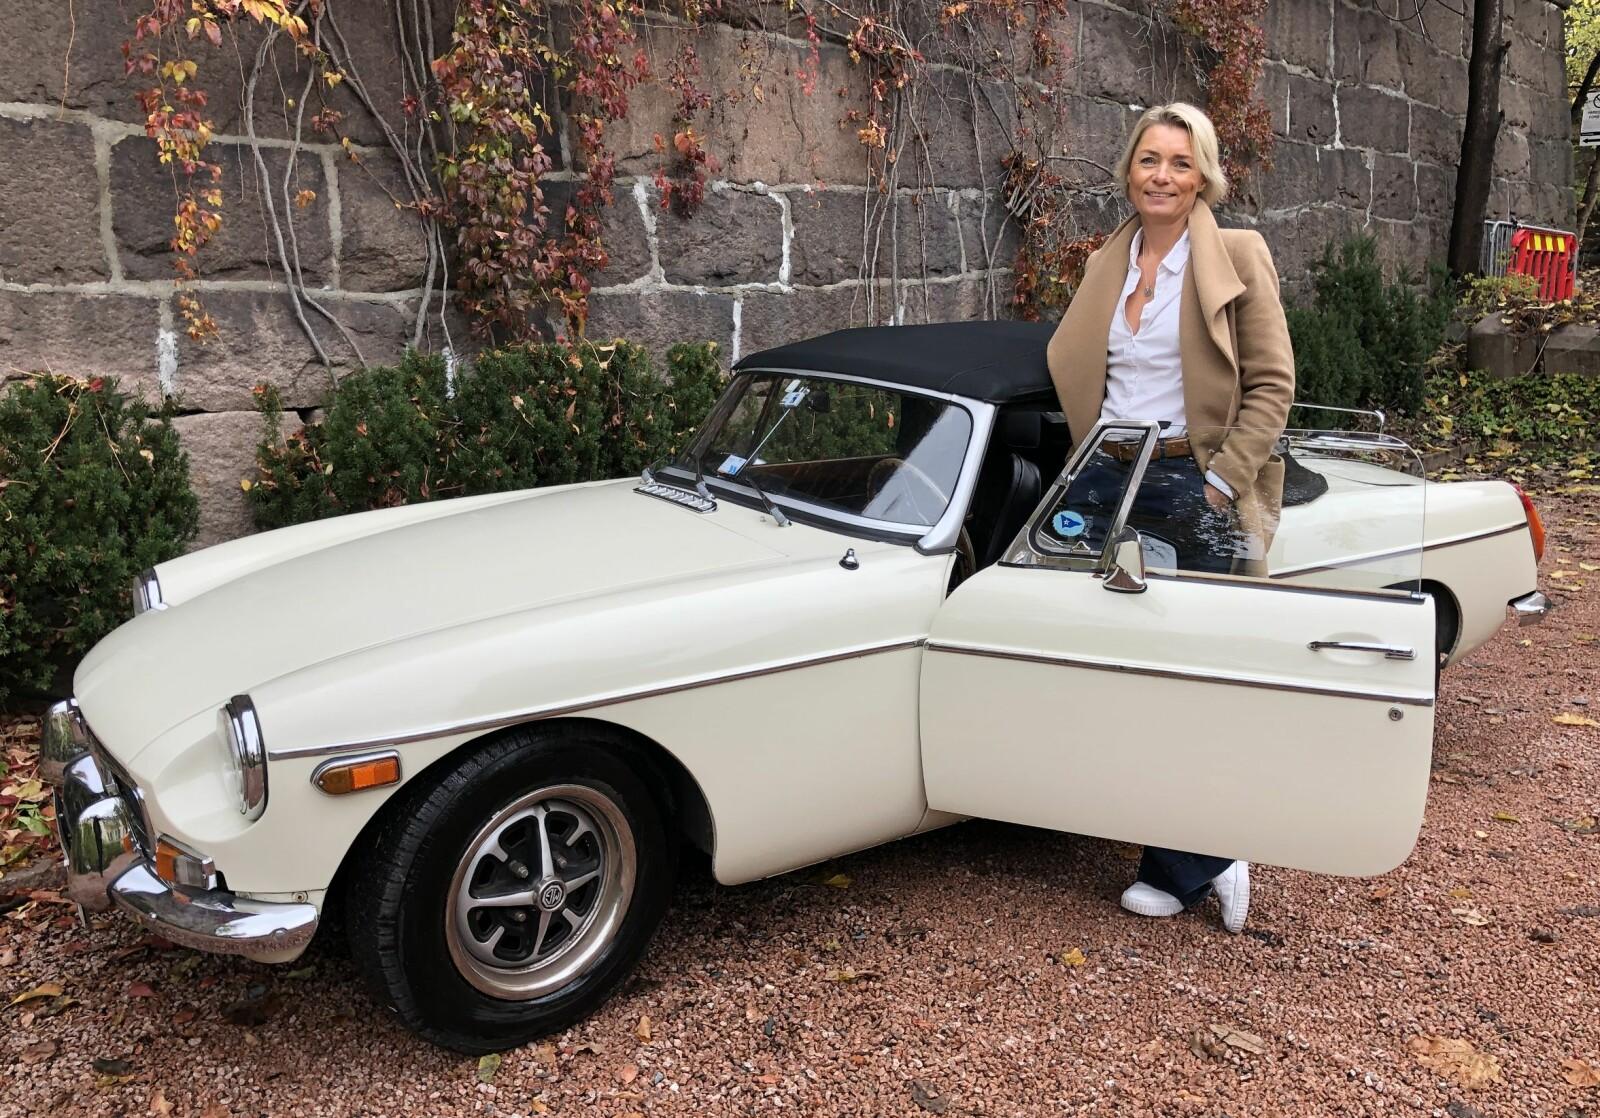 <strong>KLASSISK LYKKEPILLE: </strong>Vibeke Christiansen i Oslo valgte MG fordi hun liker gamle, engelske biler. Hun kjører en klassisk MG med stofftak, bagasjebrett og mye historie.